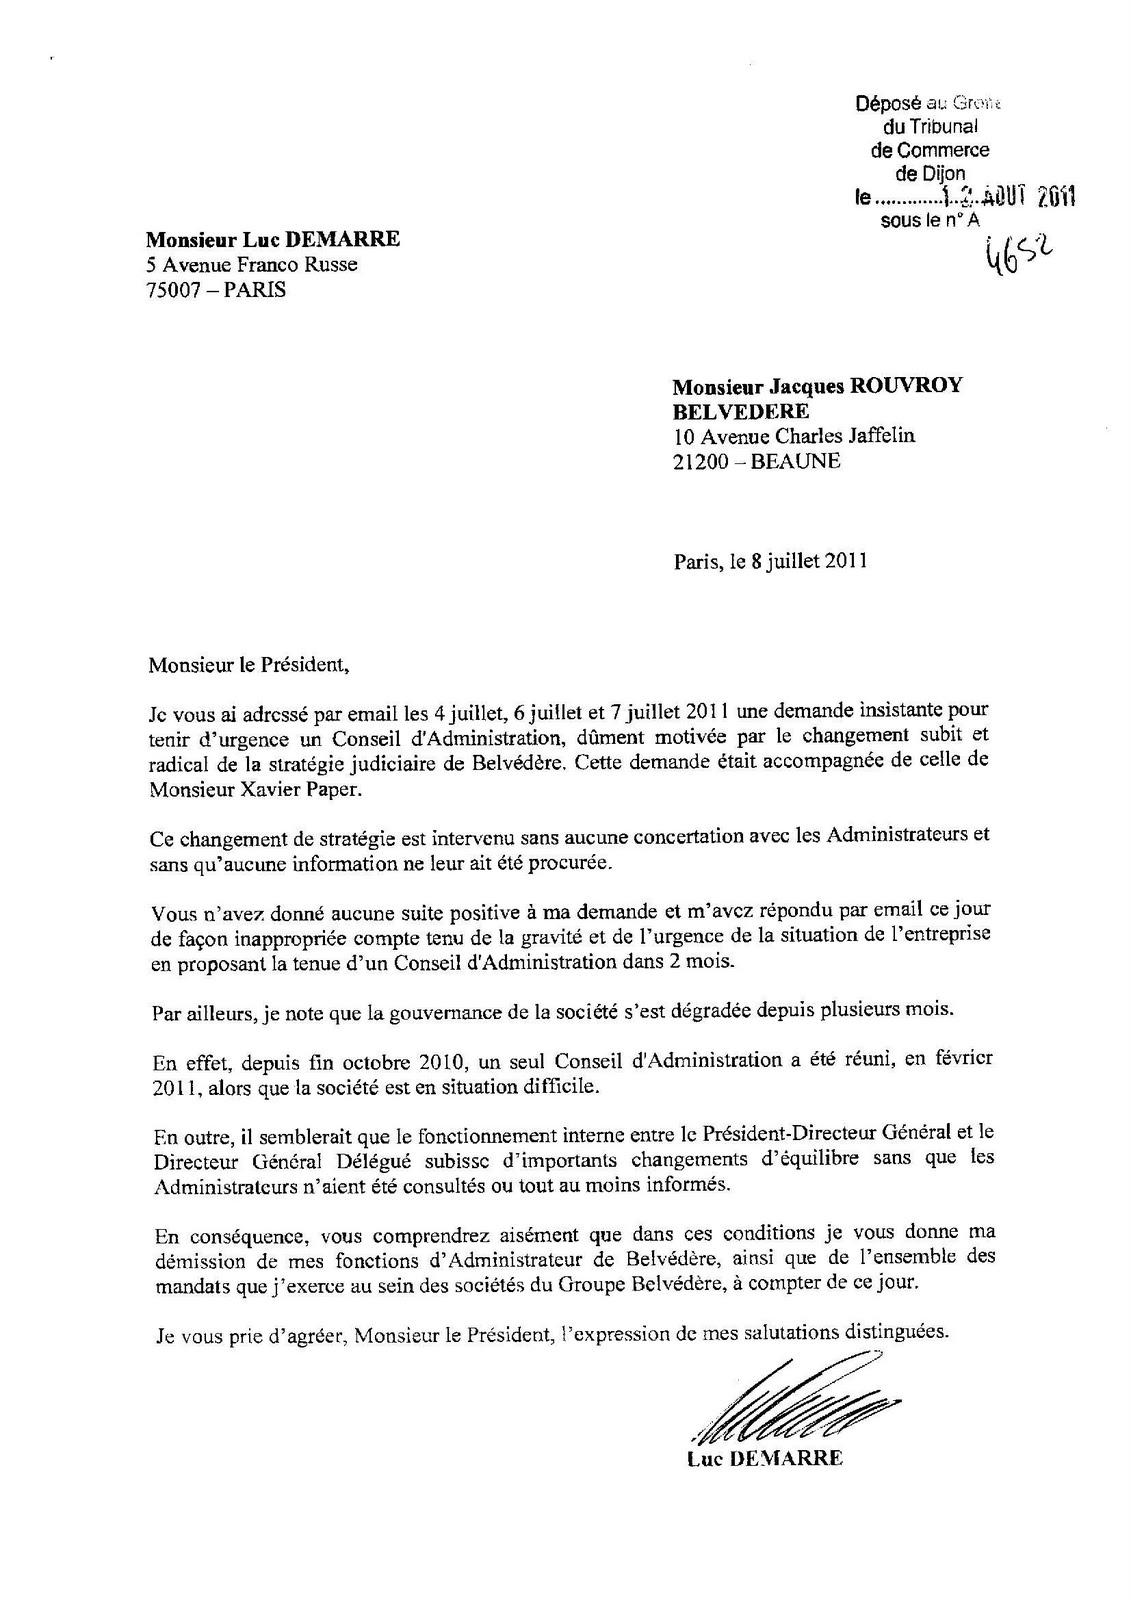 lettre de demission comite entreprise Les paipites du web, par Deuxtroy: BVD : la lettre de démission d  lettre de demission comite entreprise